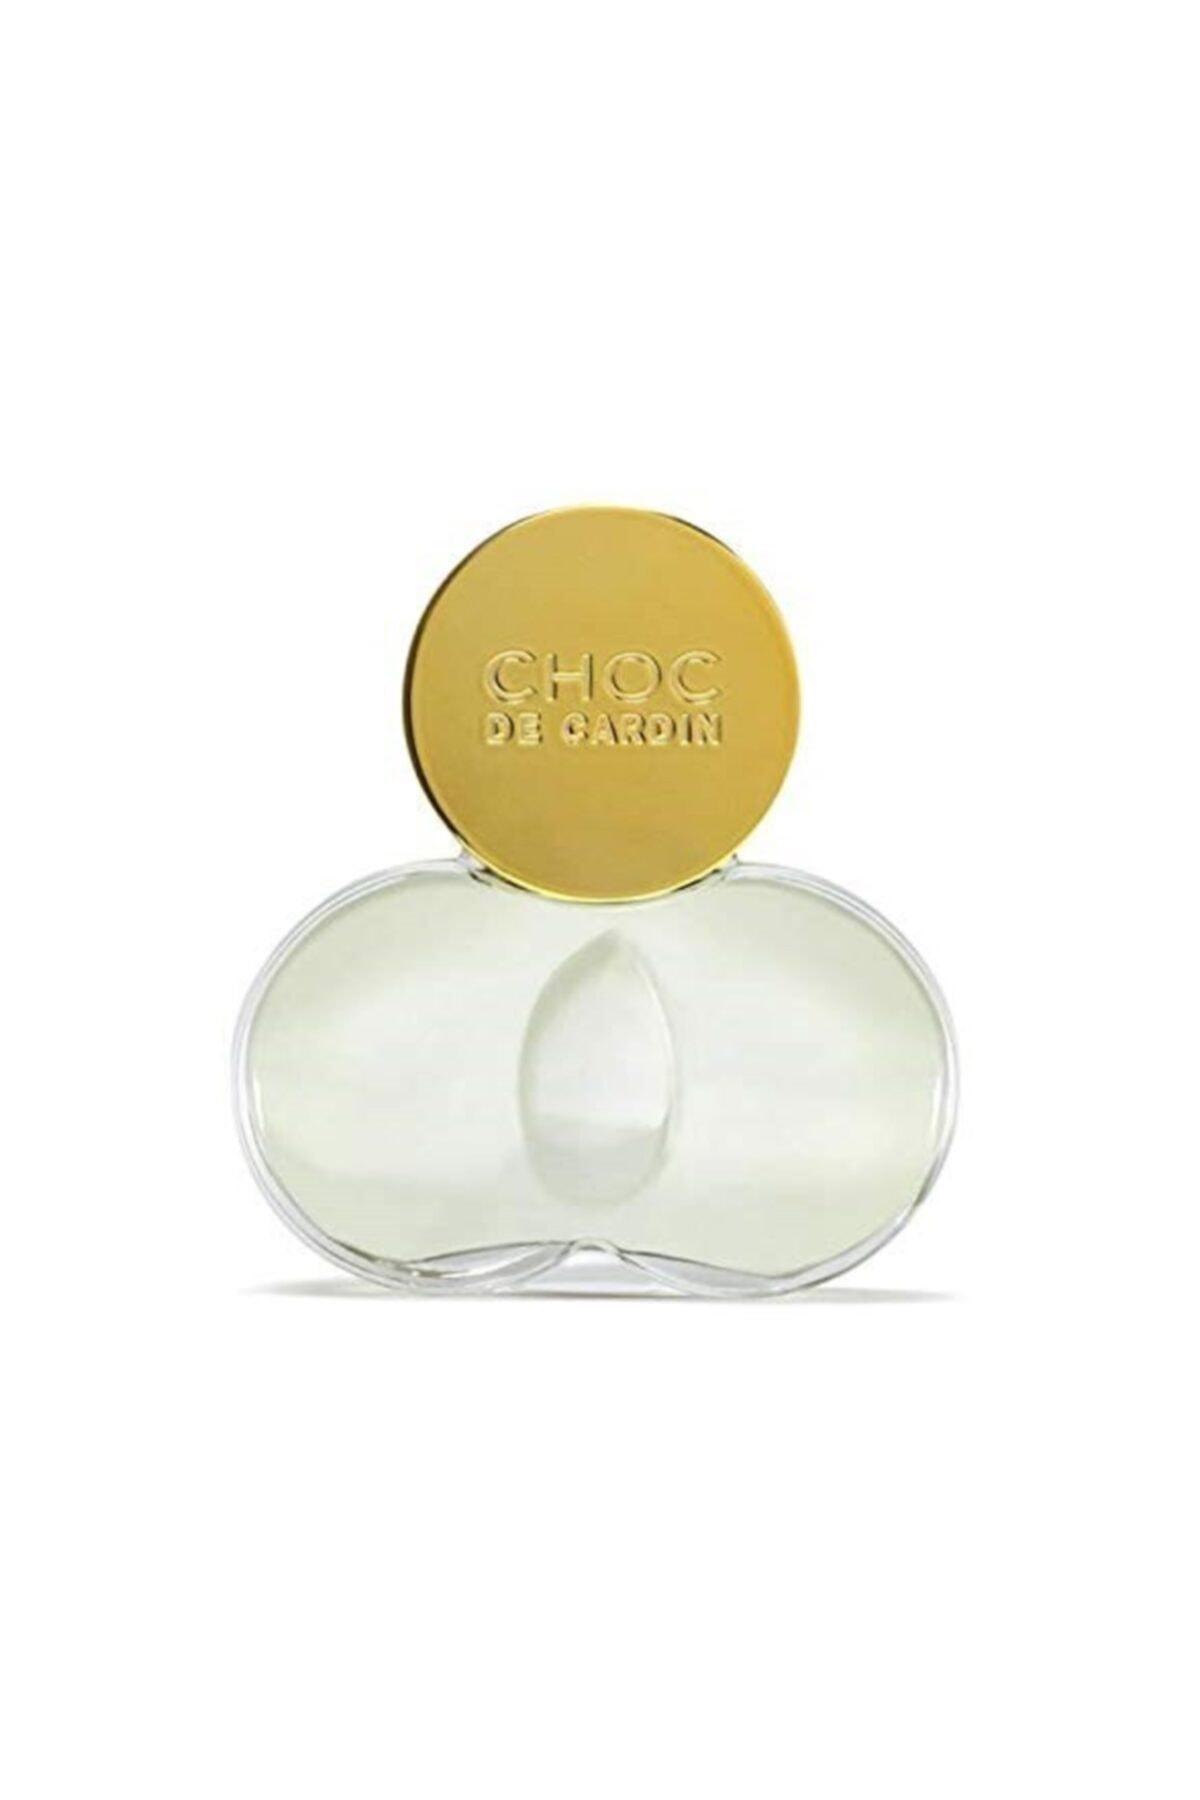 Pierre Cardin Choc Edp 50 ml Kadın Parfüm 603531176574 1